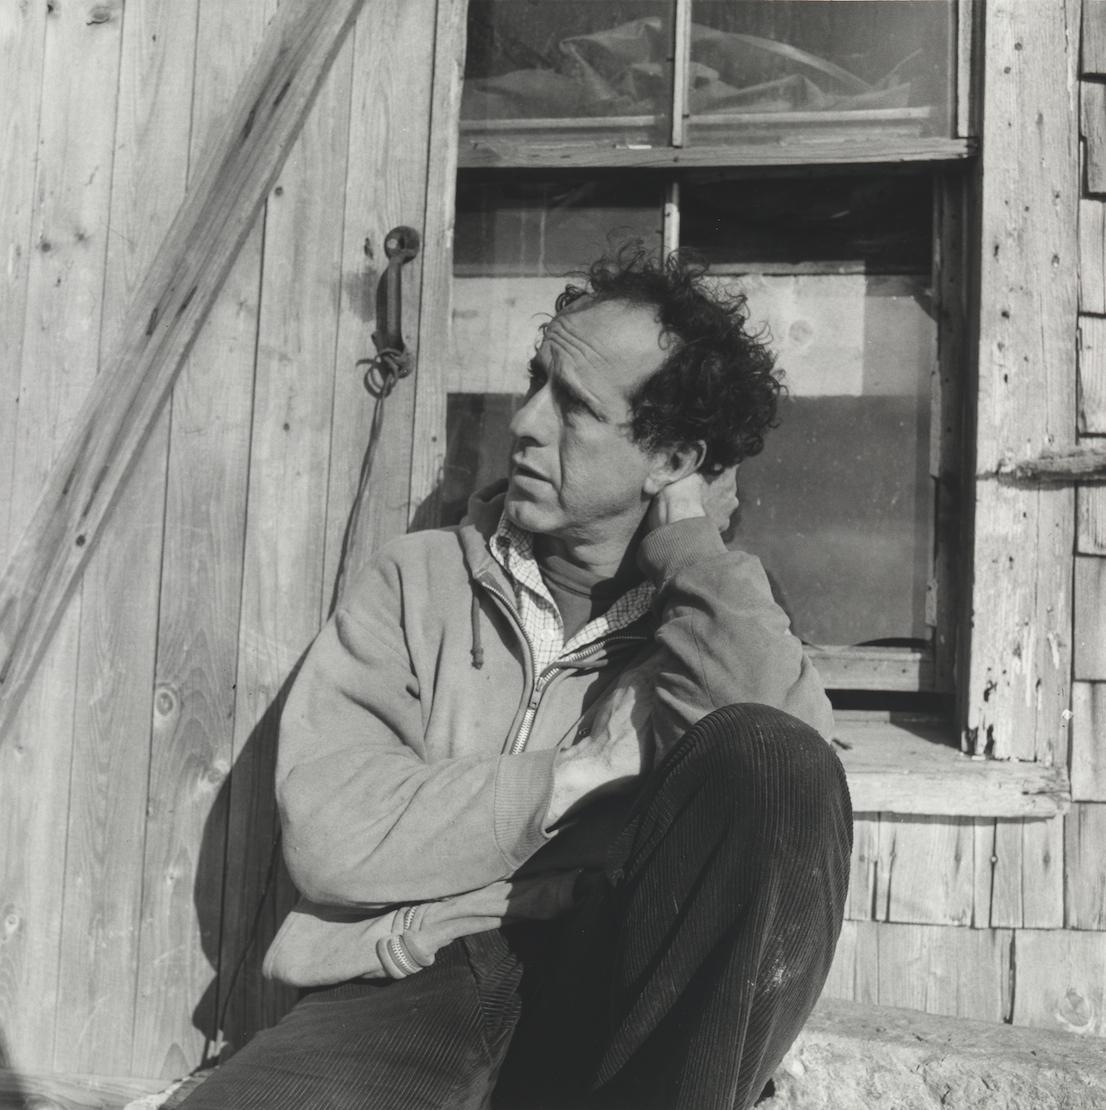 Walker Evans, Robert Frank Nova Scotia, 1969 – 71. Collection of Clark and Joan Worswick. © Walker Evans Archive, The Metropolitan Museum of Art.